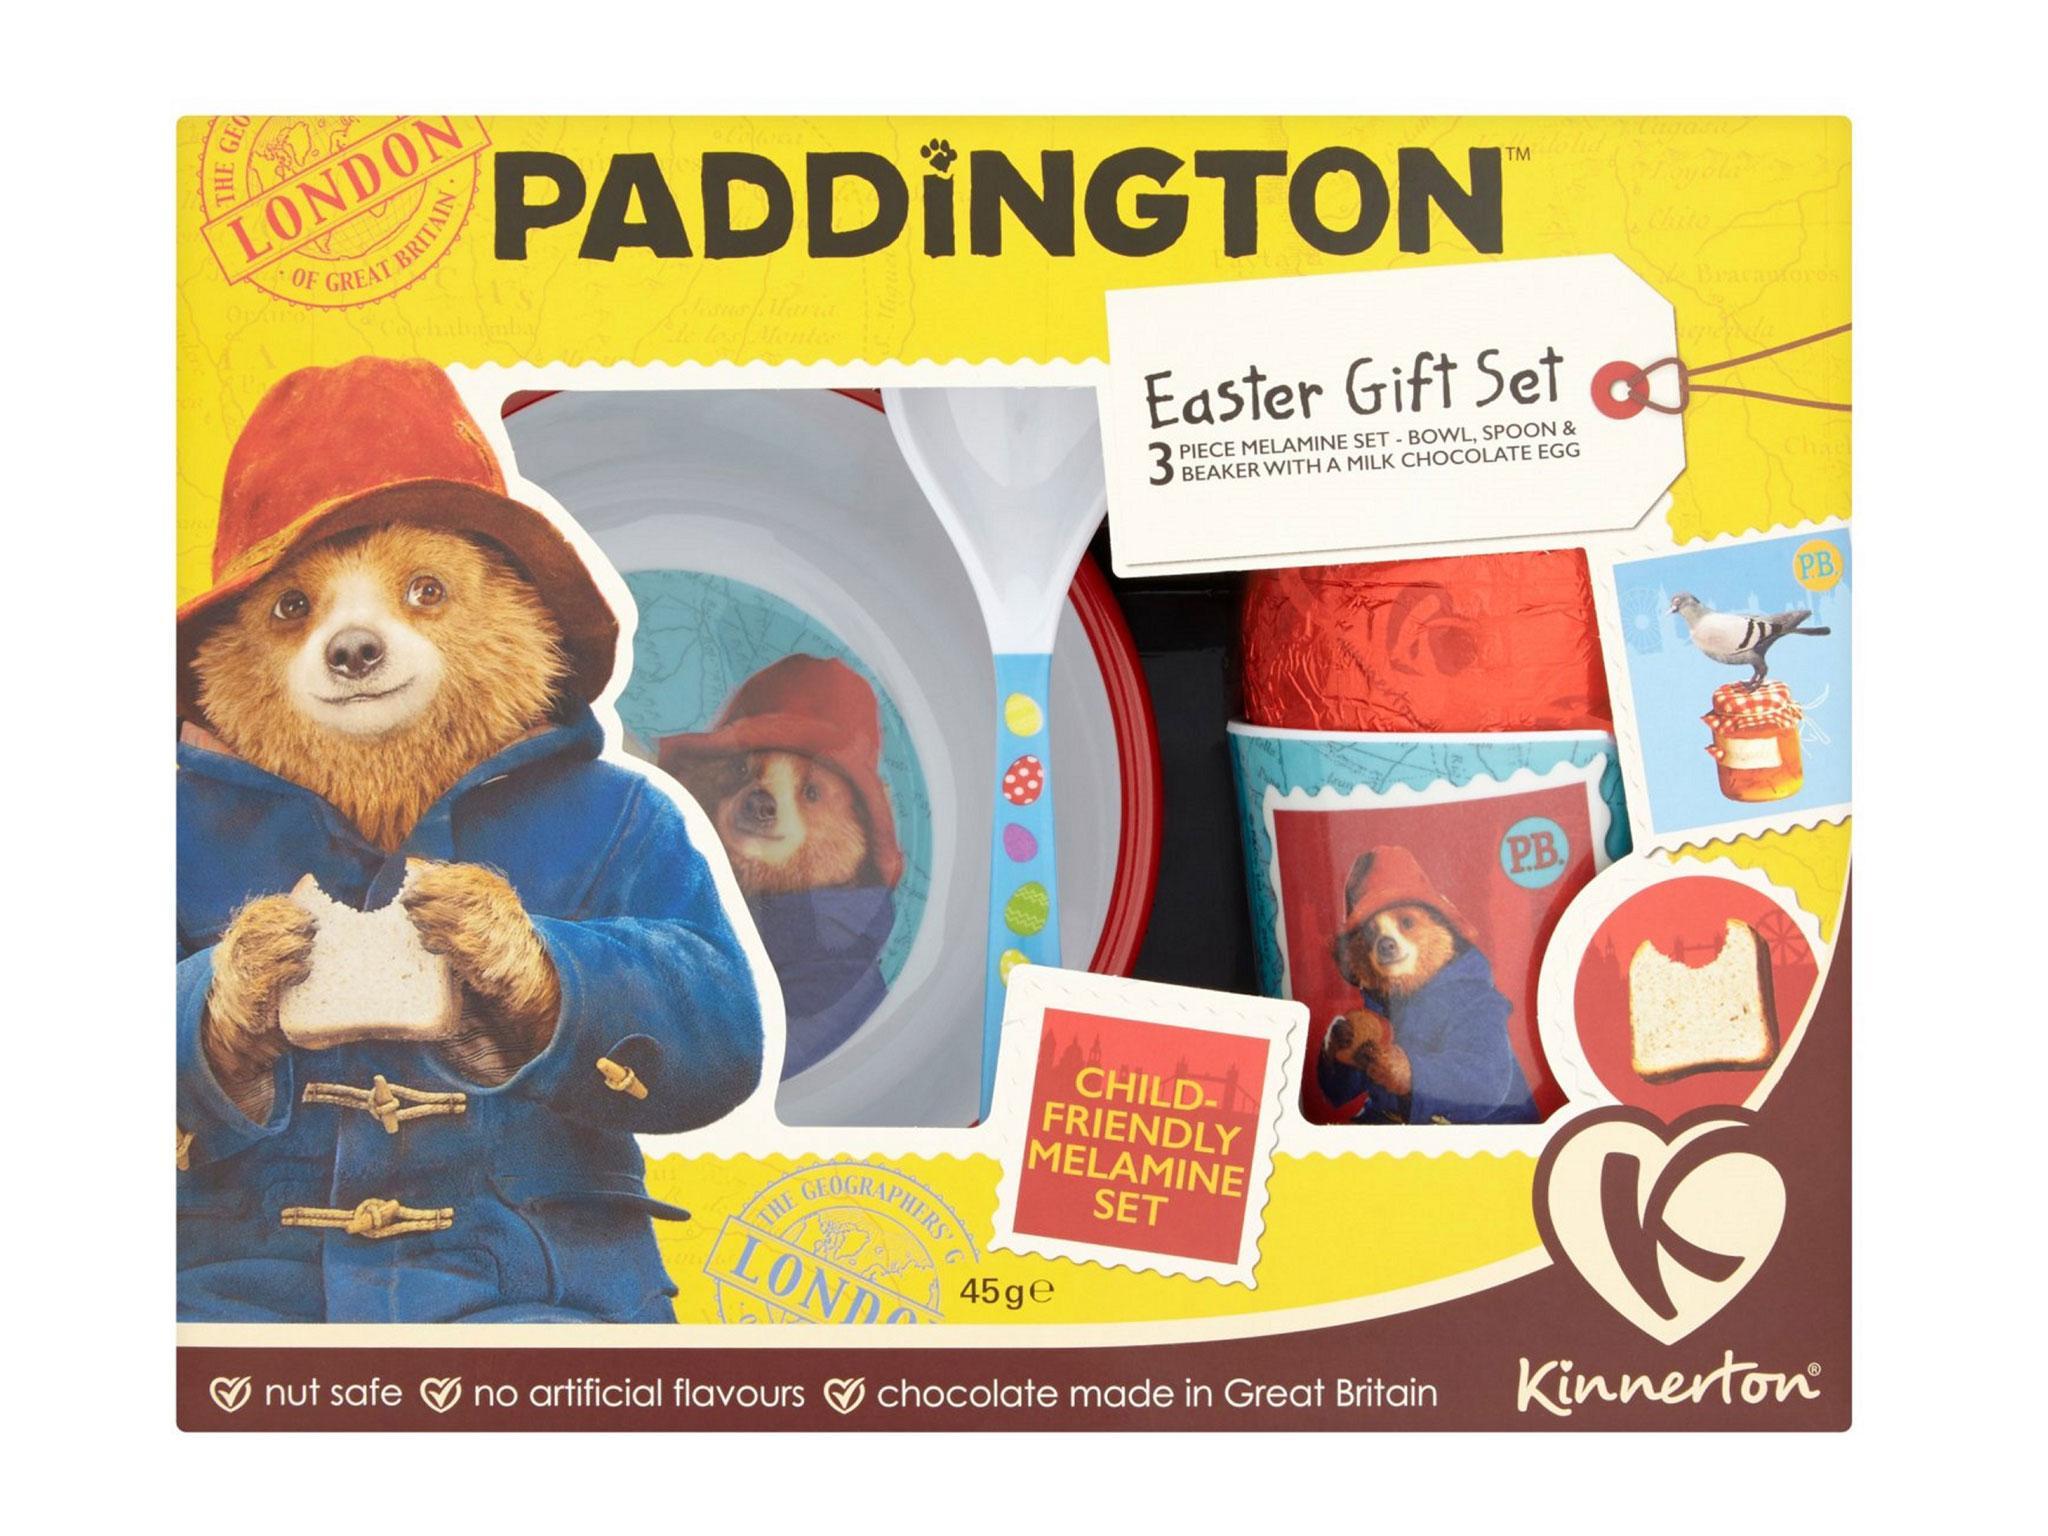 15 best kids easter eggs 2018 the independent kinnerton paddington easter gift set 45g 5 ocado negle Images